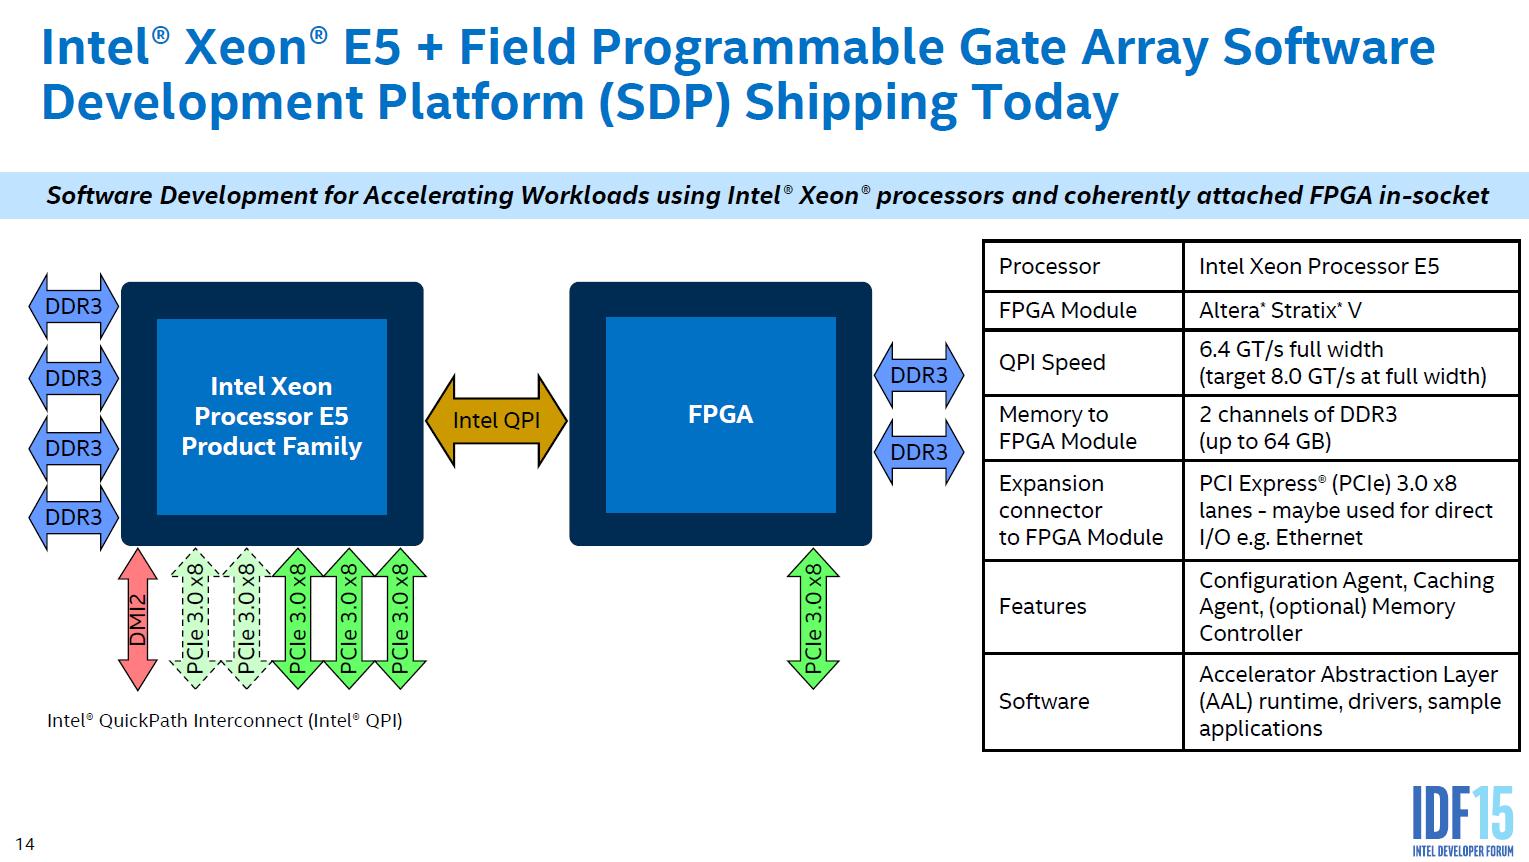 Intel Xeon + FPGA auf einem Chip